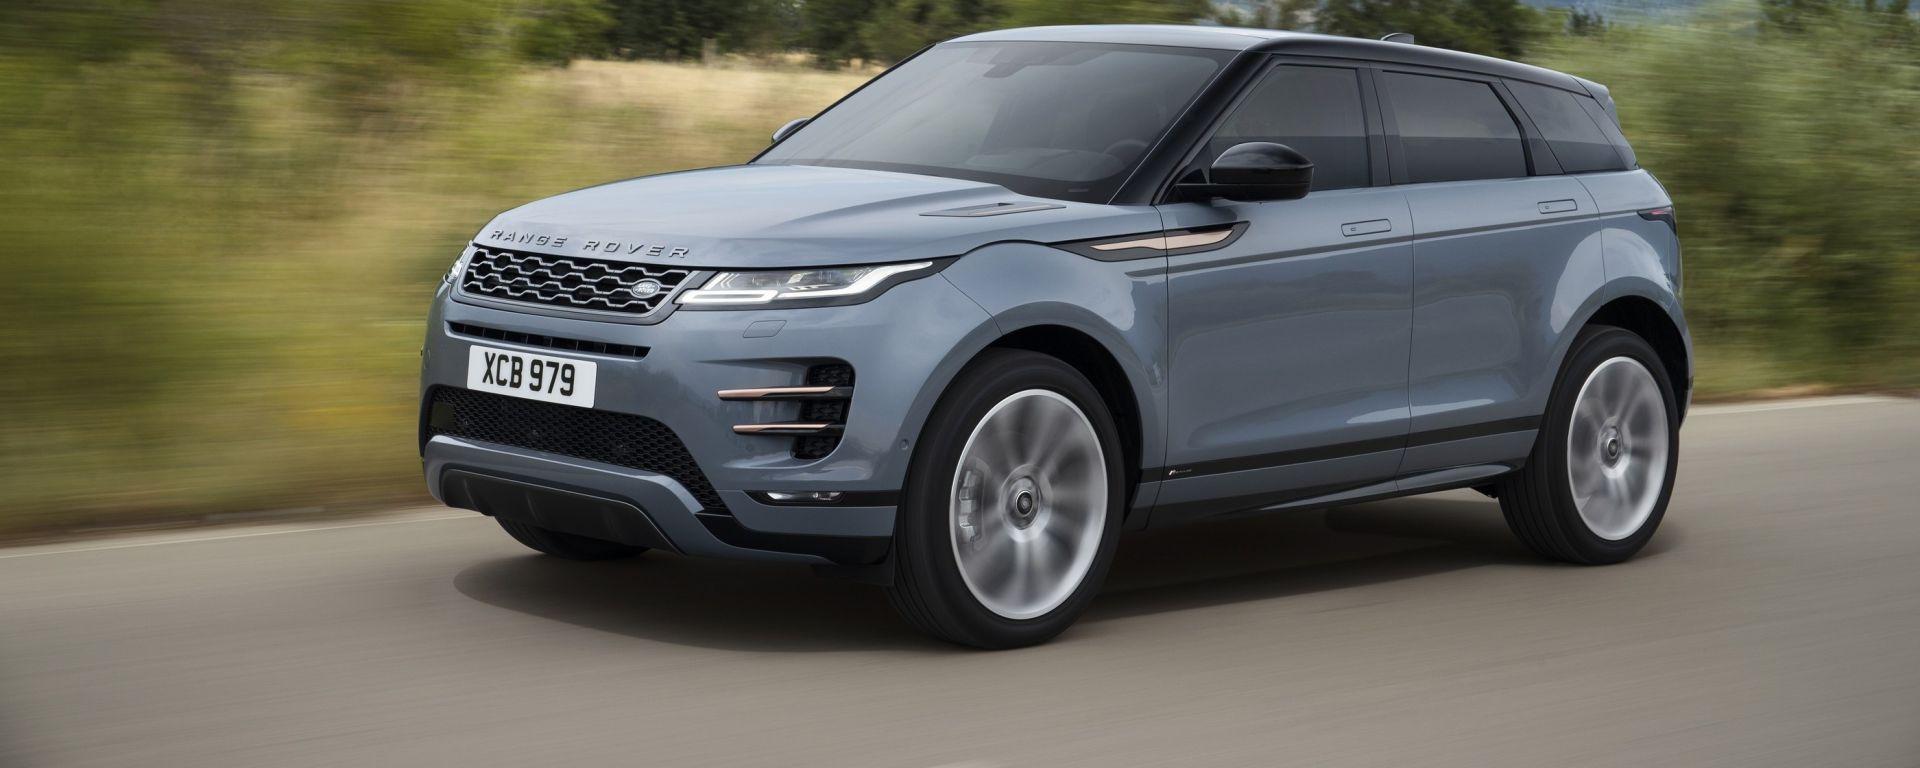 Range Rover Evoque 2019: tutto sulla nuova generazione